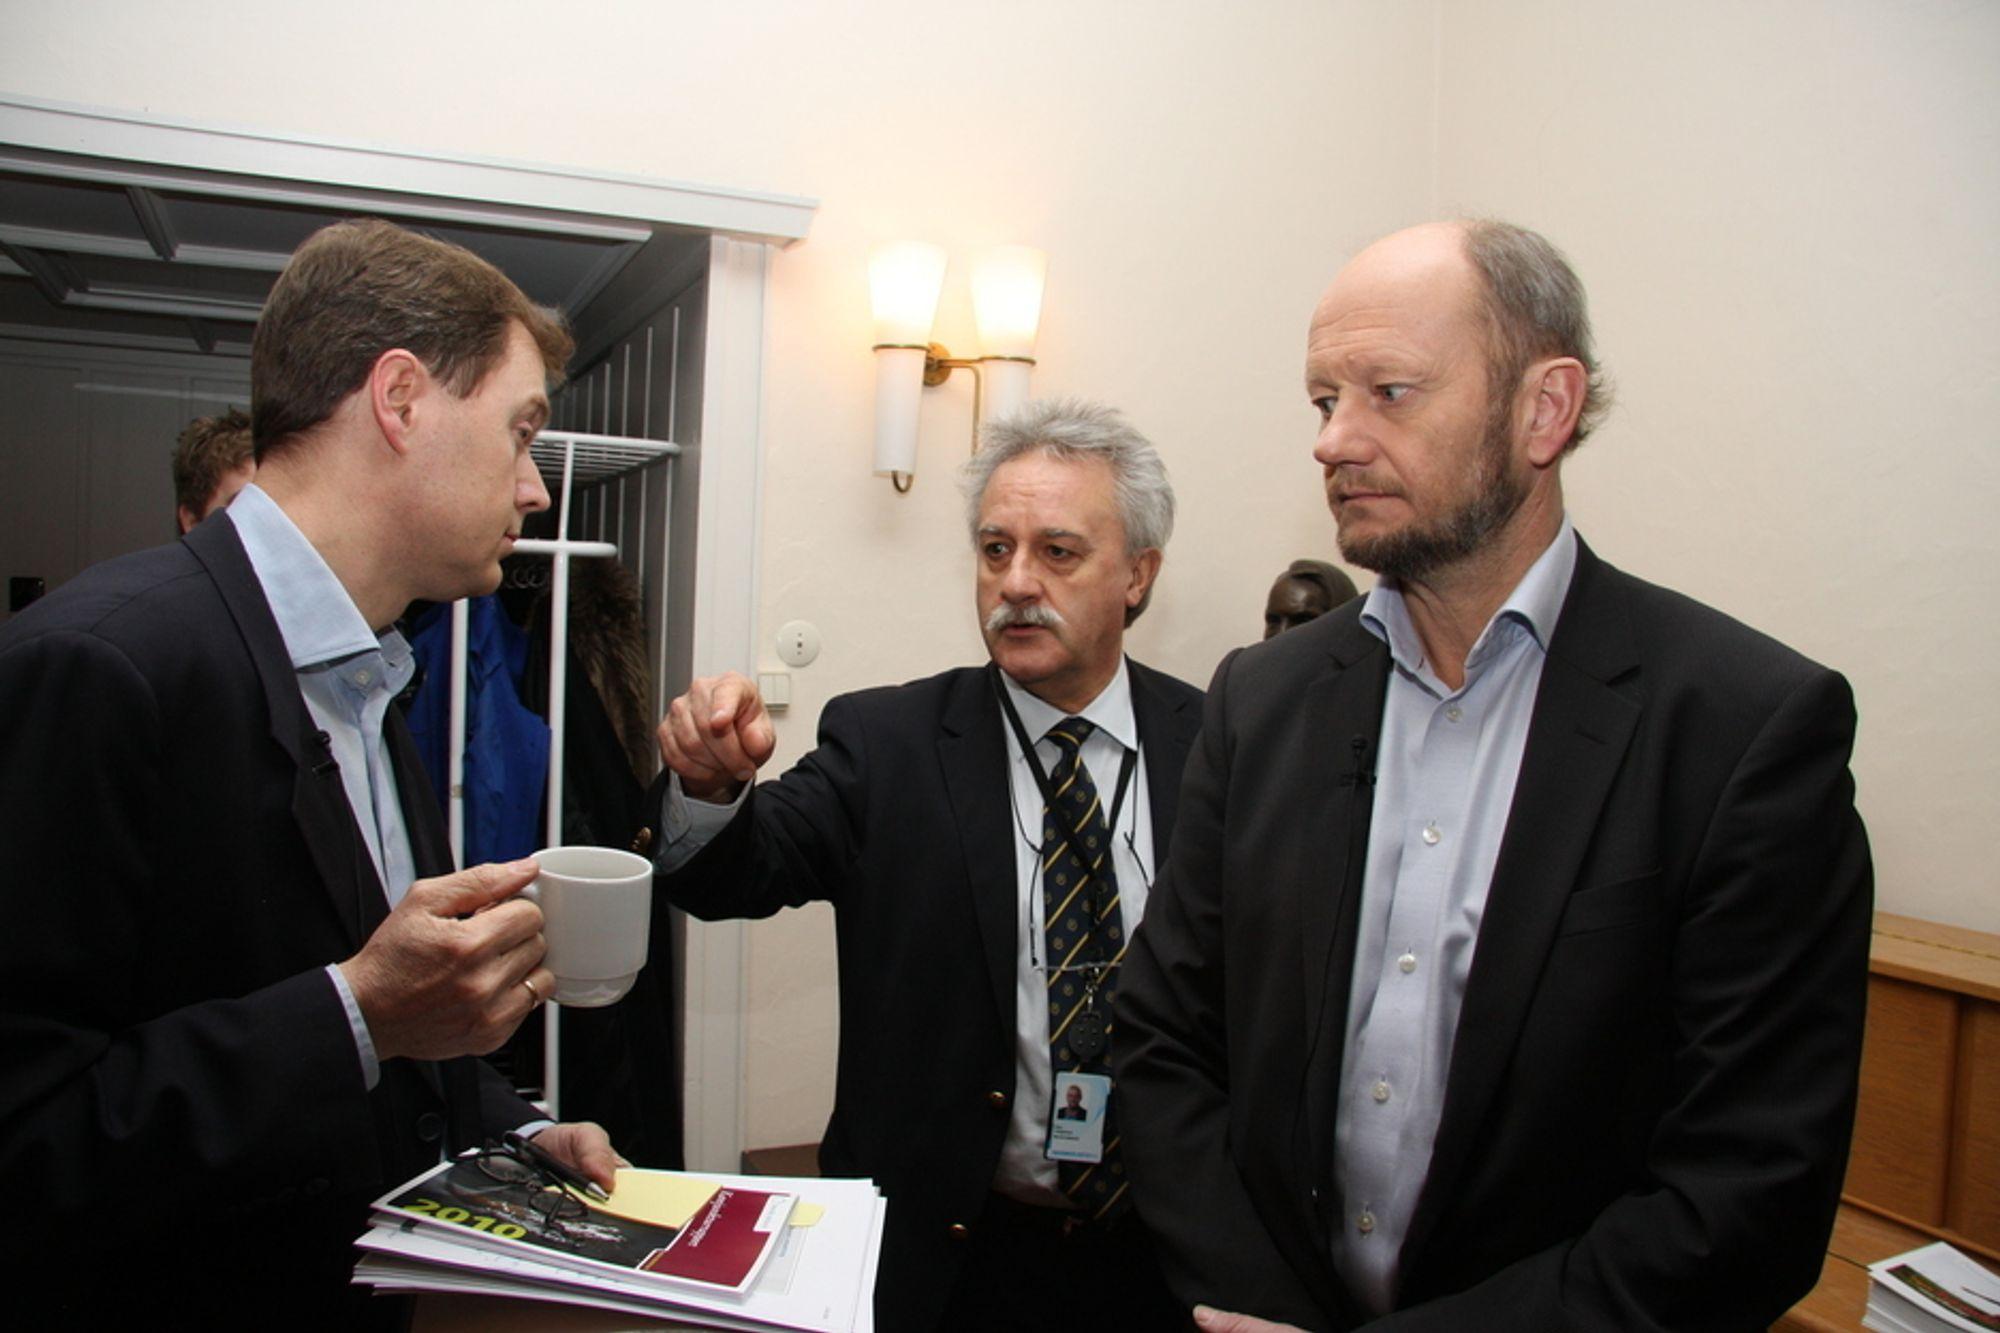 Knut Sunde, Finn Langeland, Stein Lier-Hansen